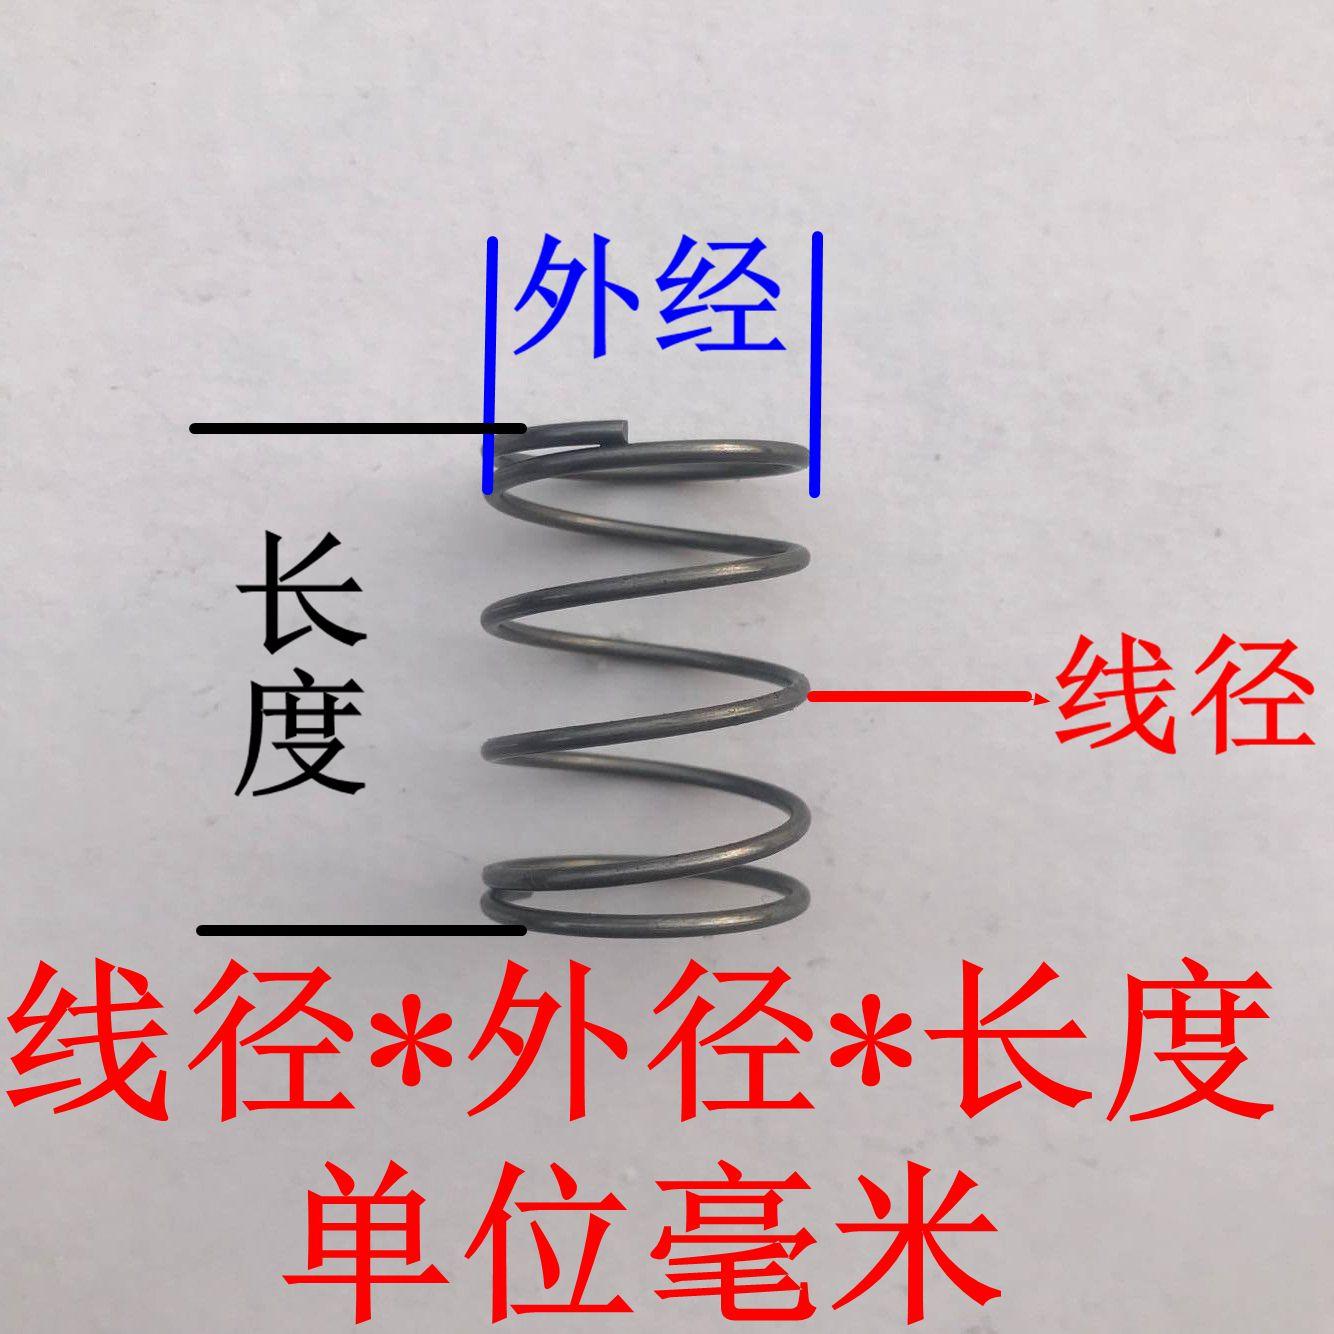 压缩弹簧 短 小弹簧 线径0.2-1.0-2.0 外径2-25长5-50MM 弹簧定做